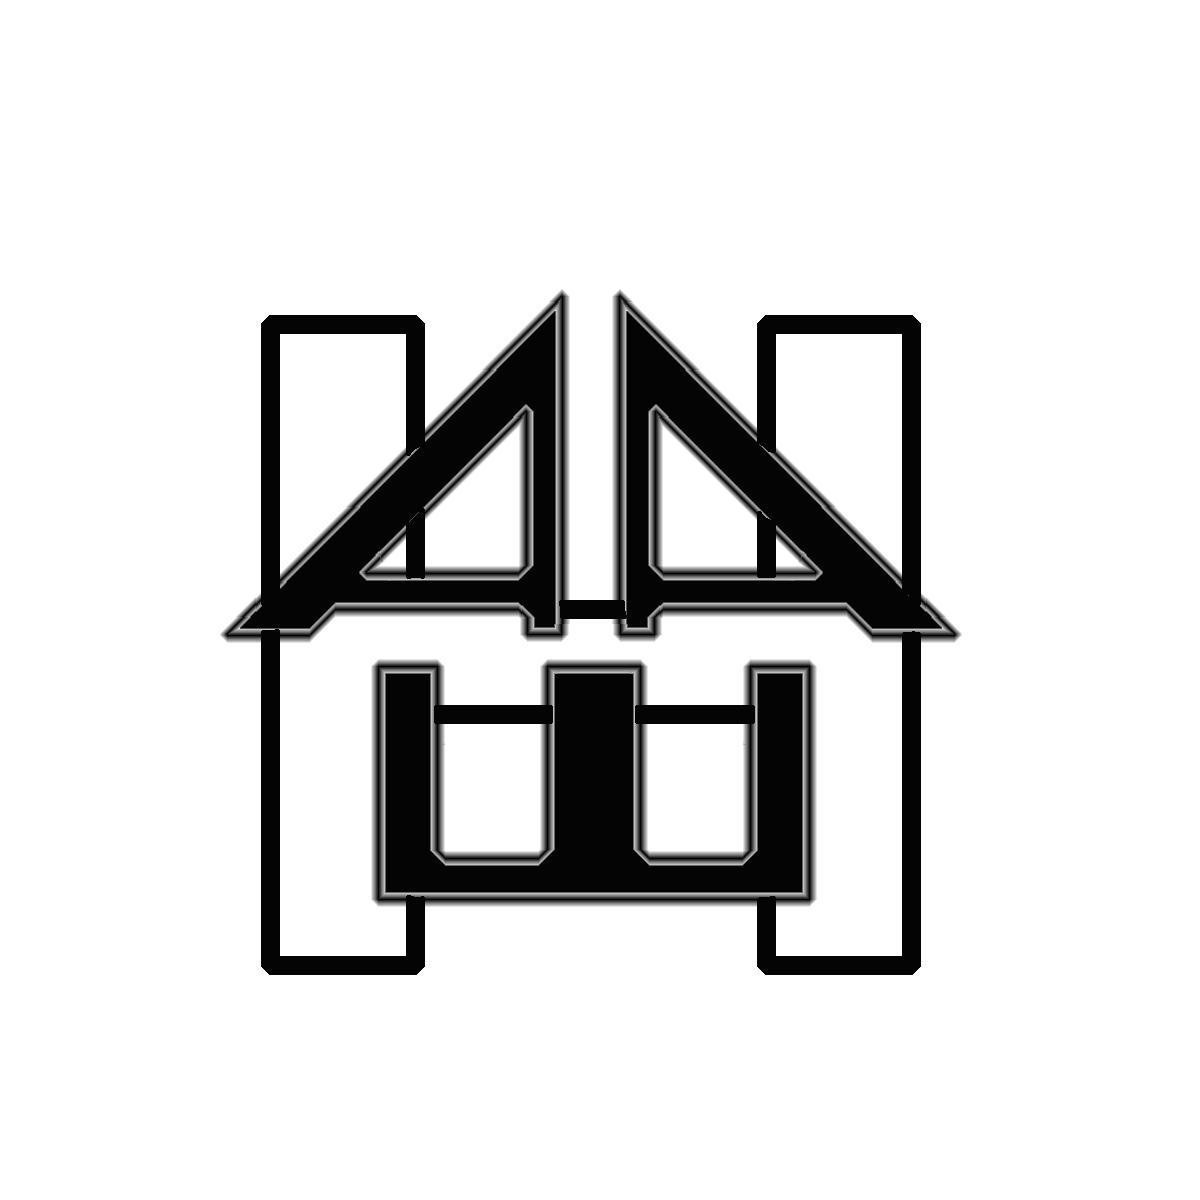 Логотип без обводки